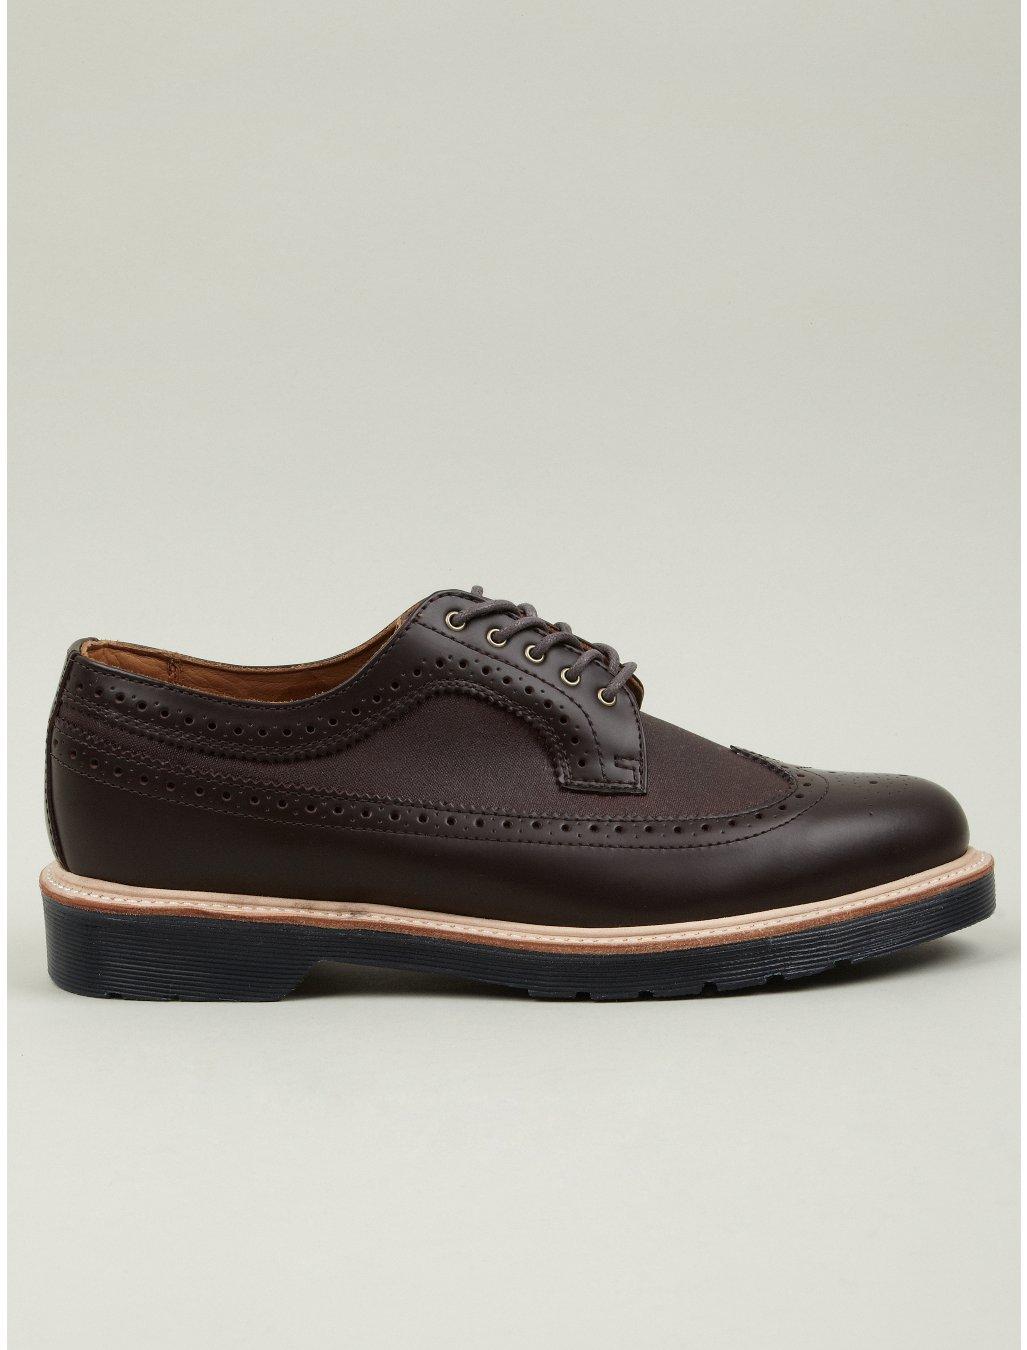 dr martens x millerain mens alfred brogue shoes